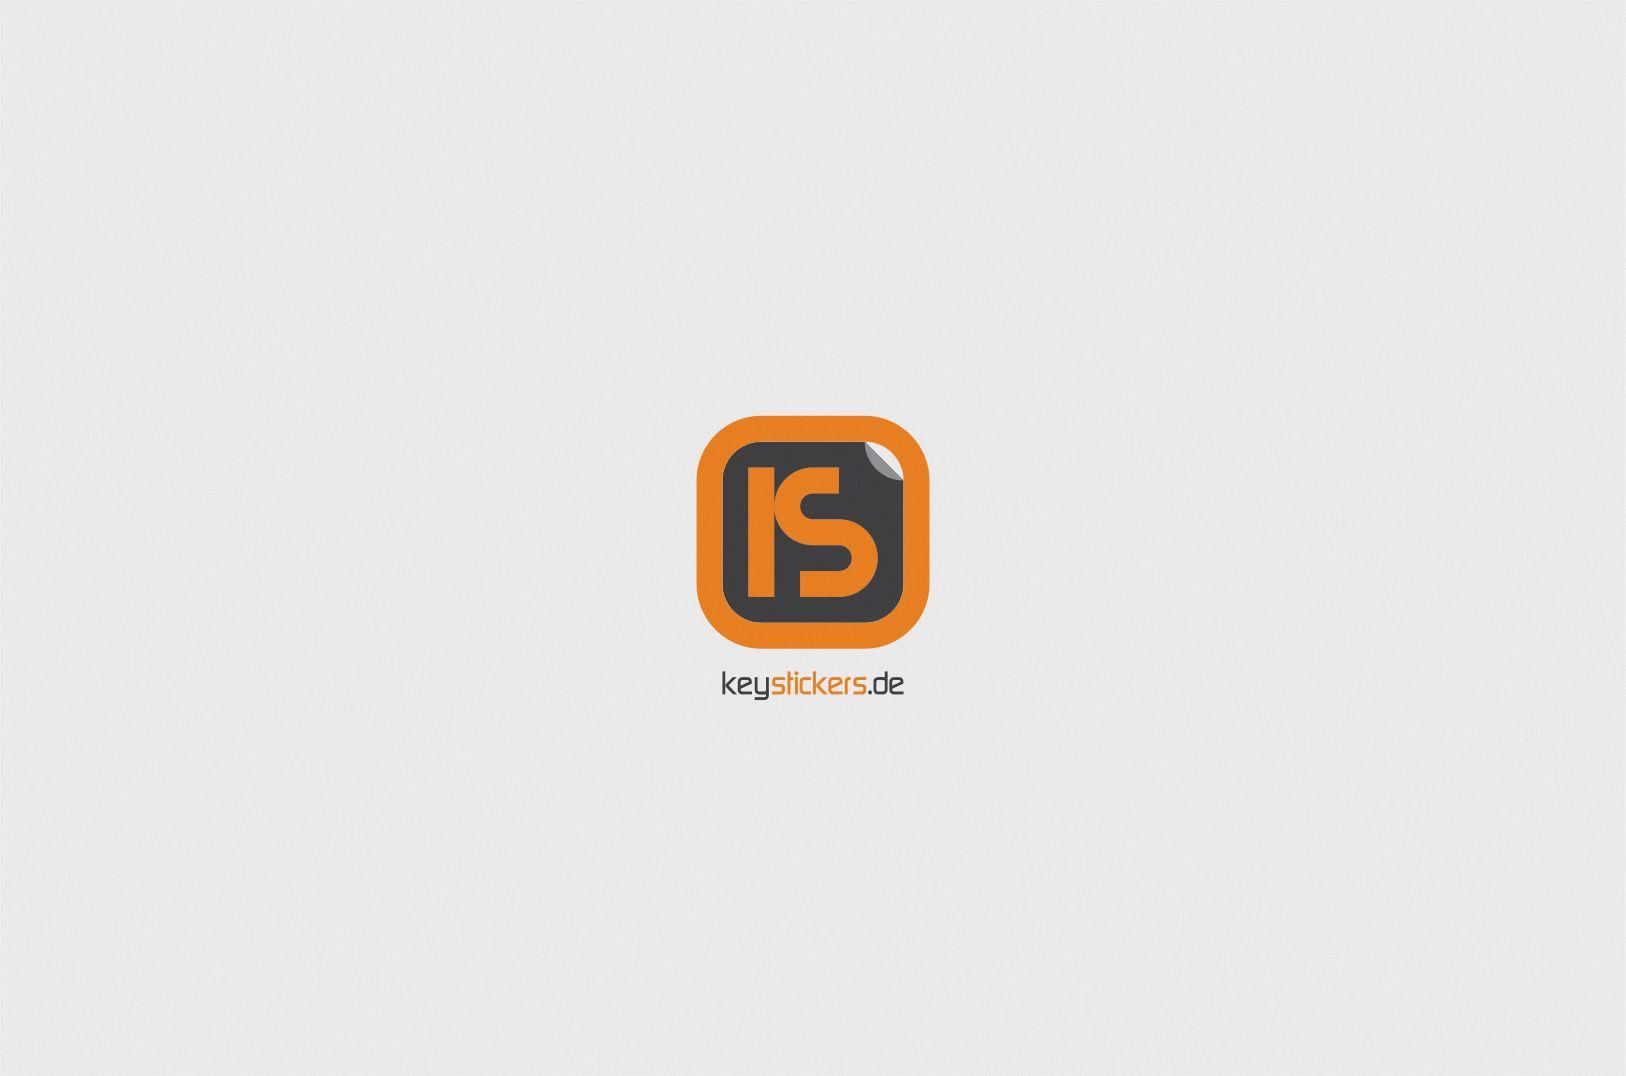 Лого для онлайн магазина (наклейки для клавиатуры) - дизайнер ashcom007